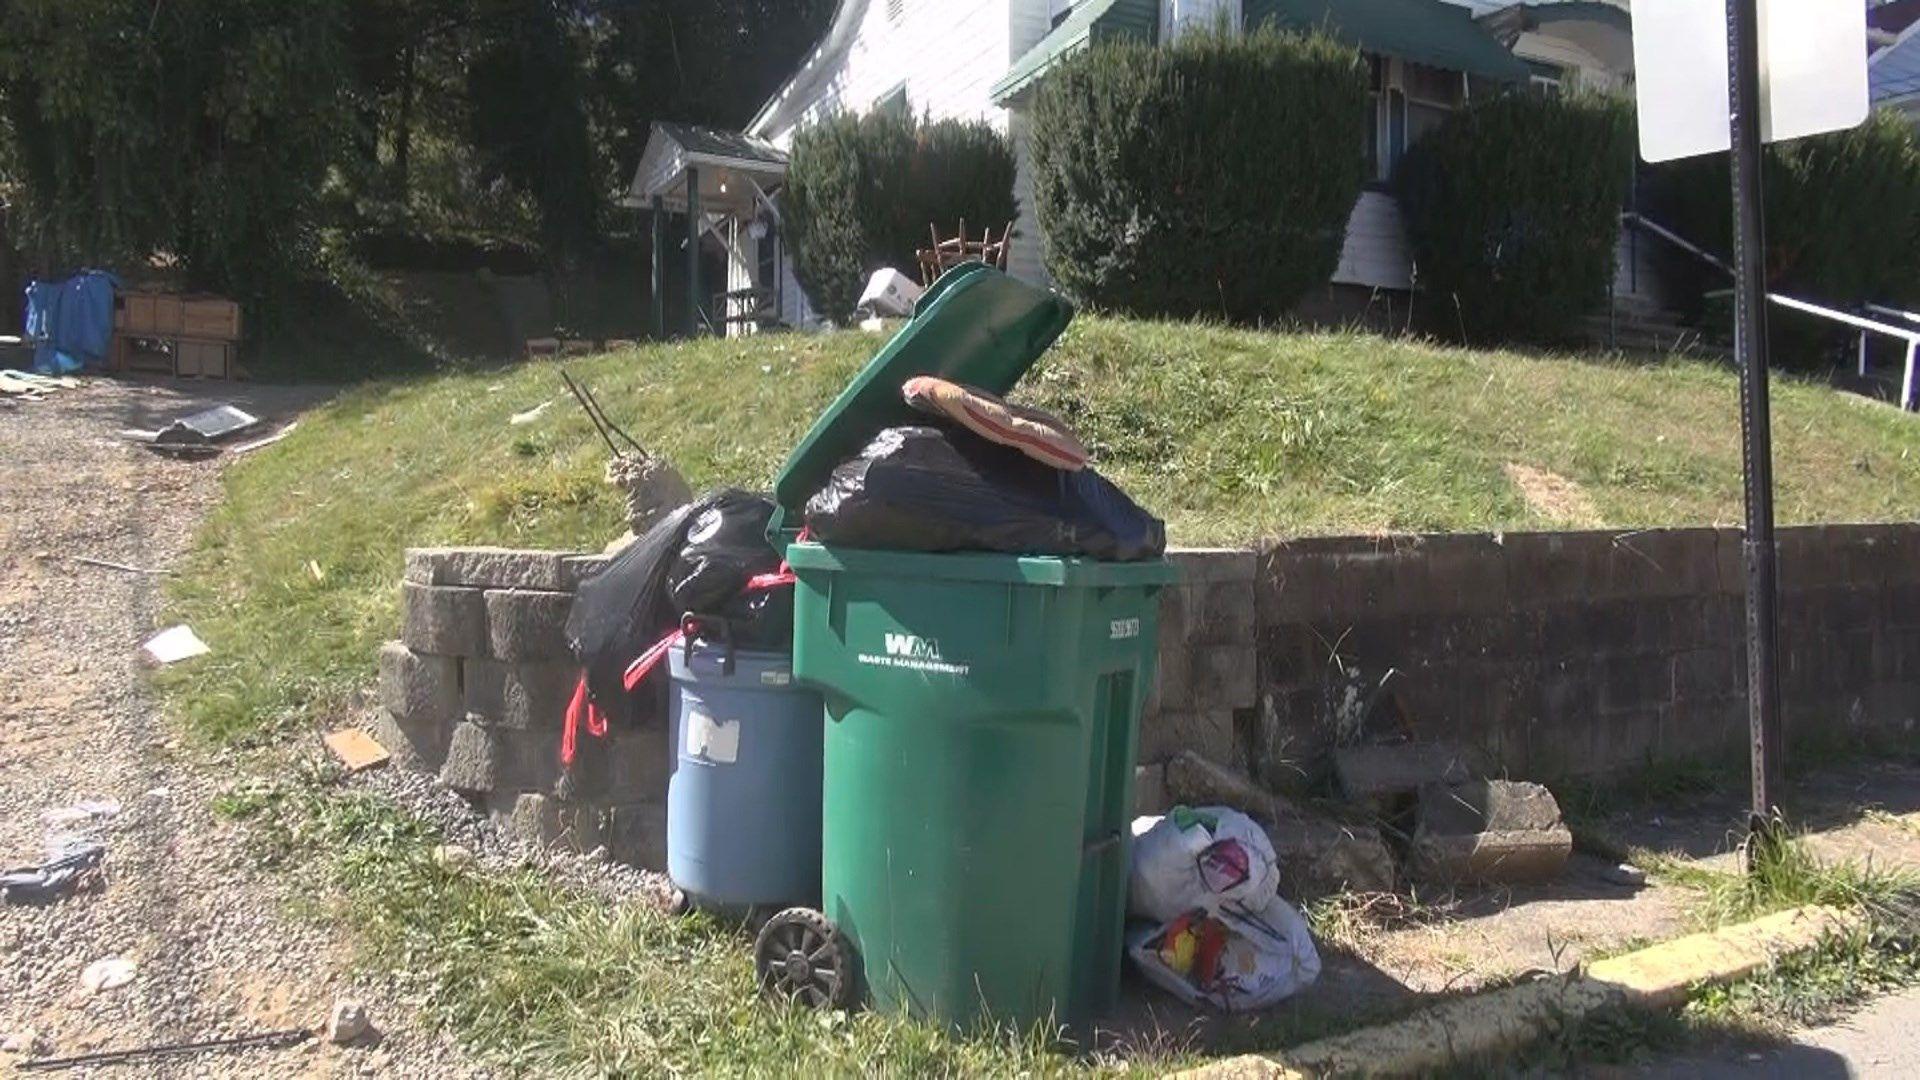 Clarksburg Fall Clean Up in Full Swing